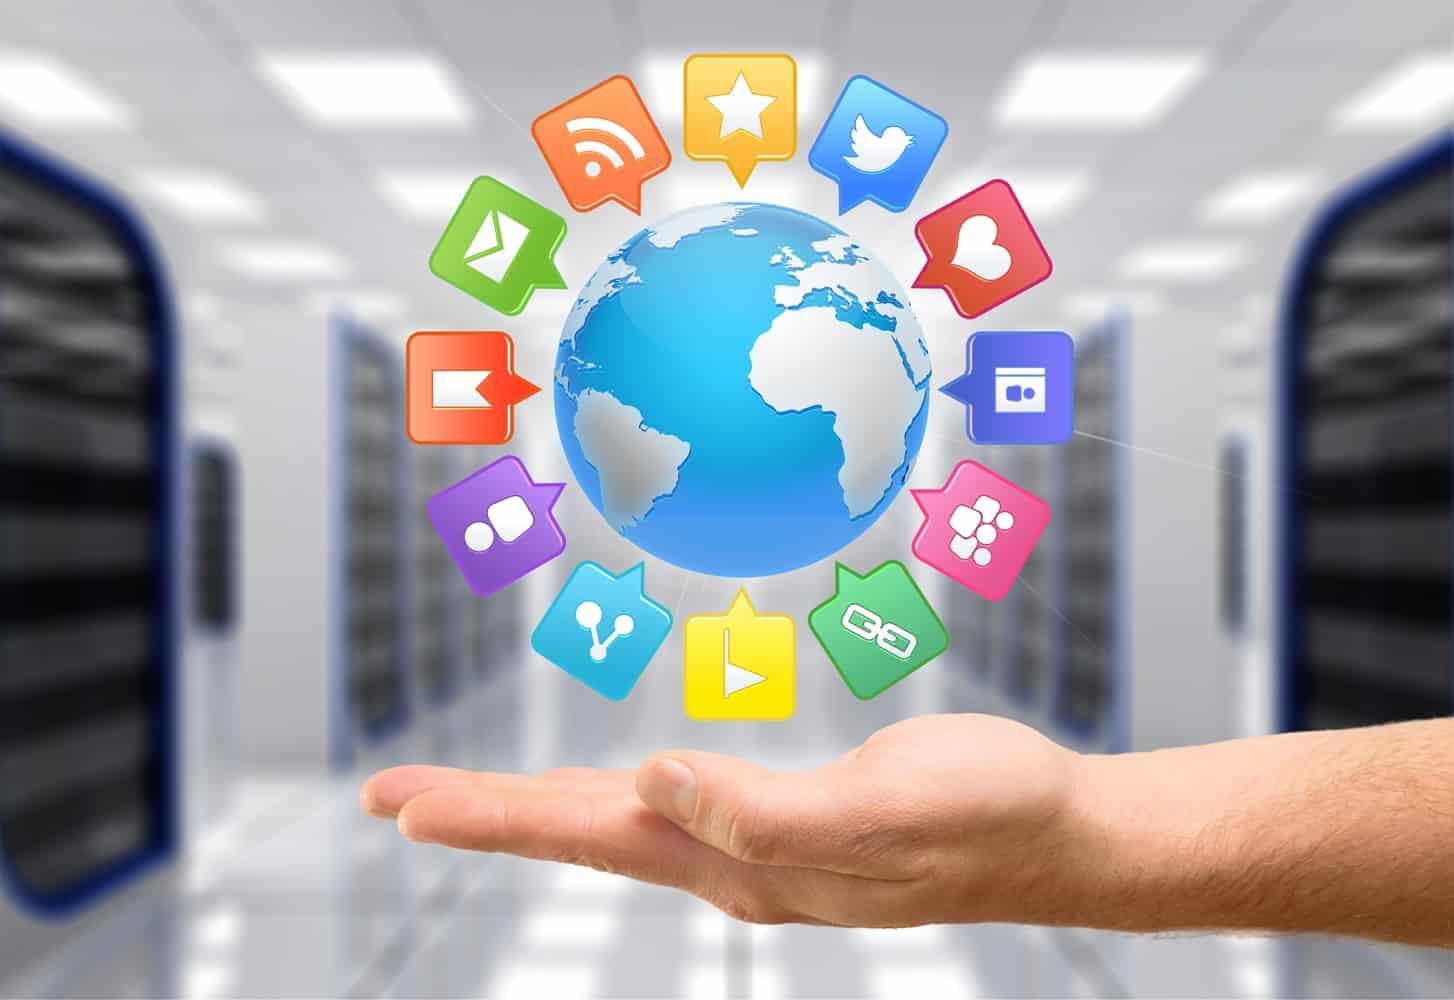 שיווק דיגיטלי למתחילים- הצעד השלישי - שיווק ברשתות החברתיות